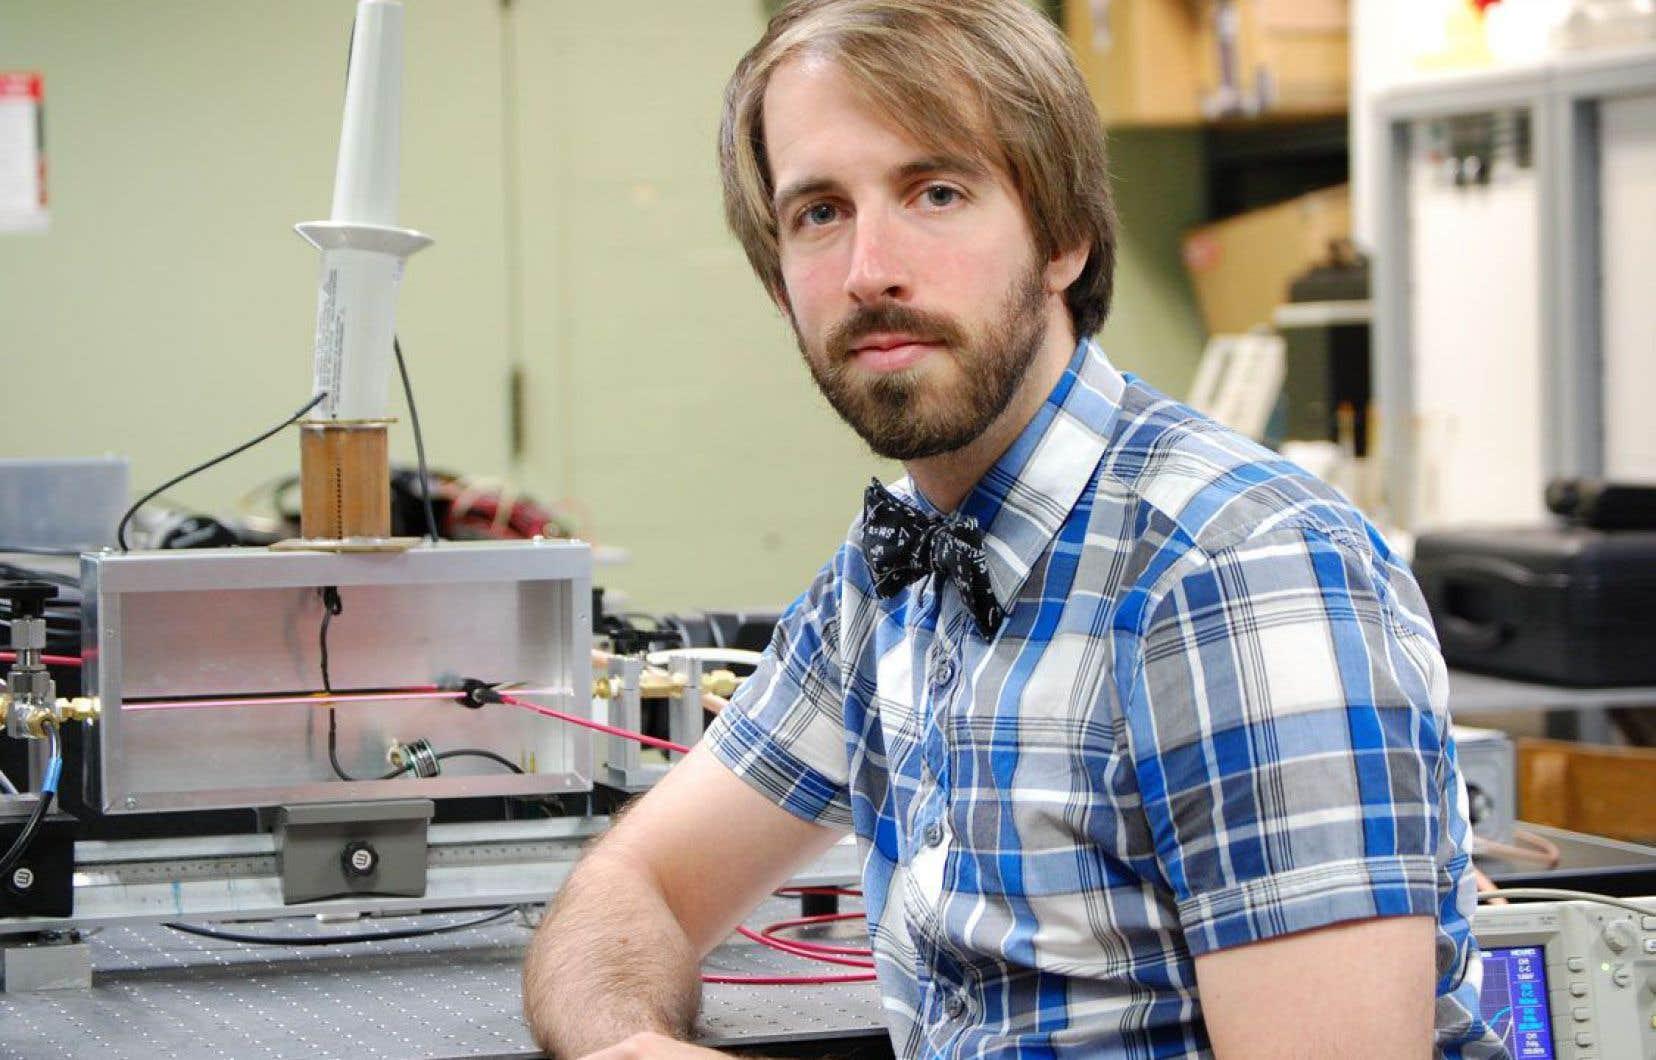 Jean-Sébastien Boisvert, étudiant au postdoctorat à l'INRS, est l'un des deux lauréats de l'Acfas.